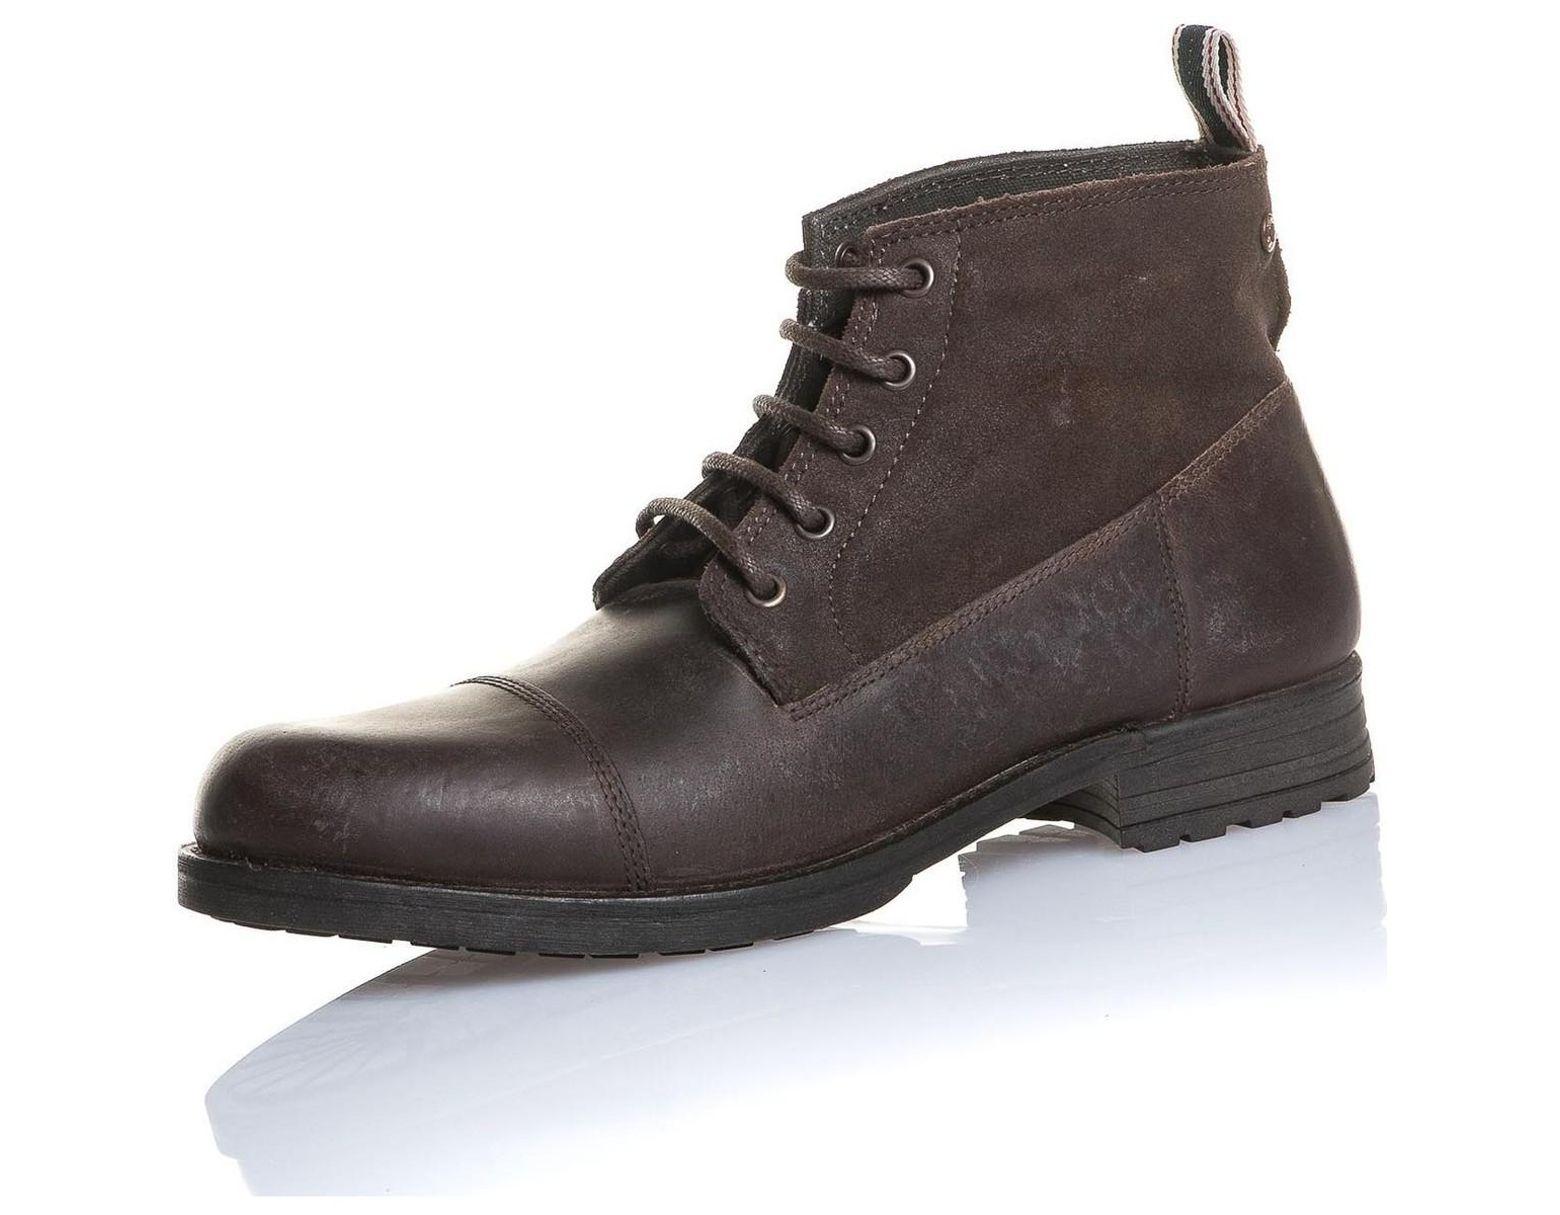 Chaussure montante cuir pour homme. | L'instant pose